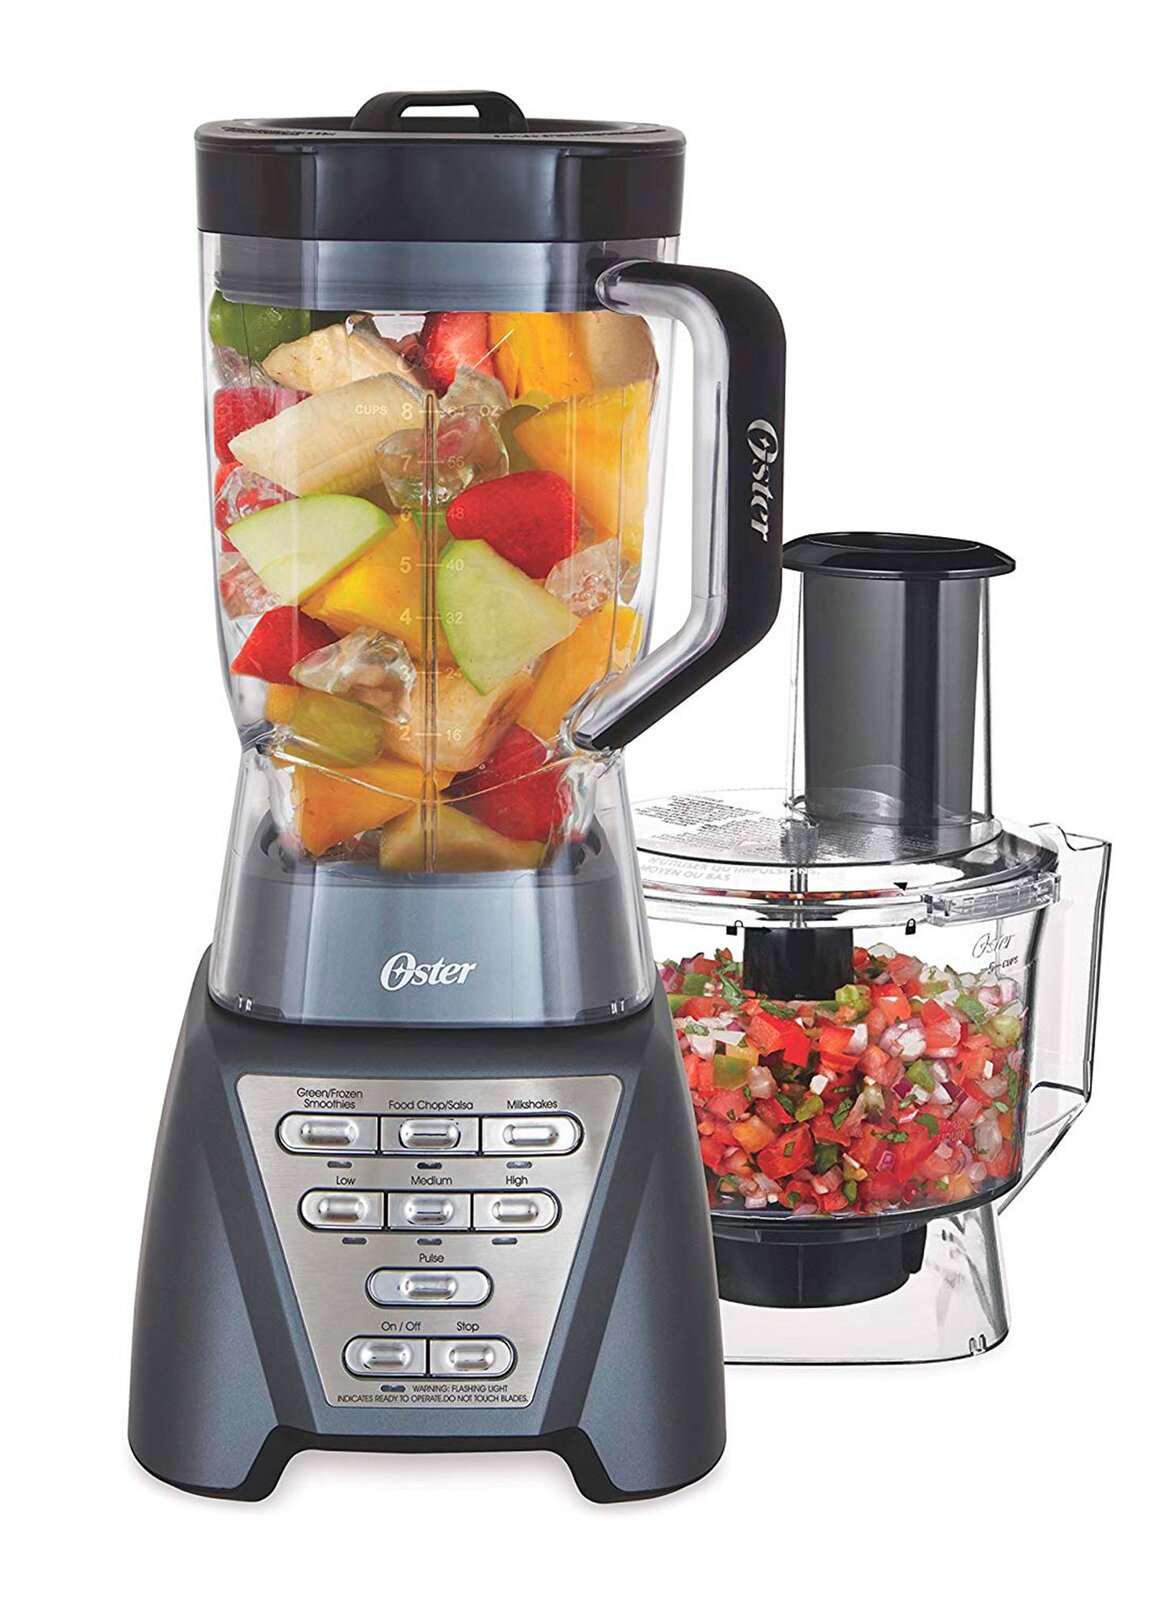 Oster Pro 1200 Blender Food Processor Combo